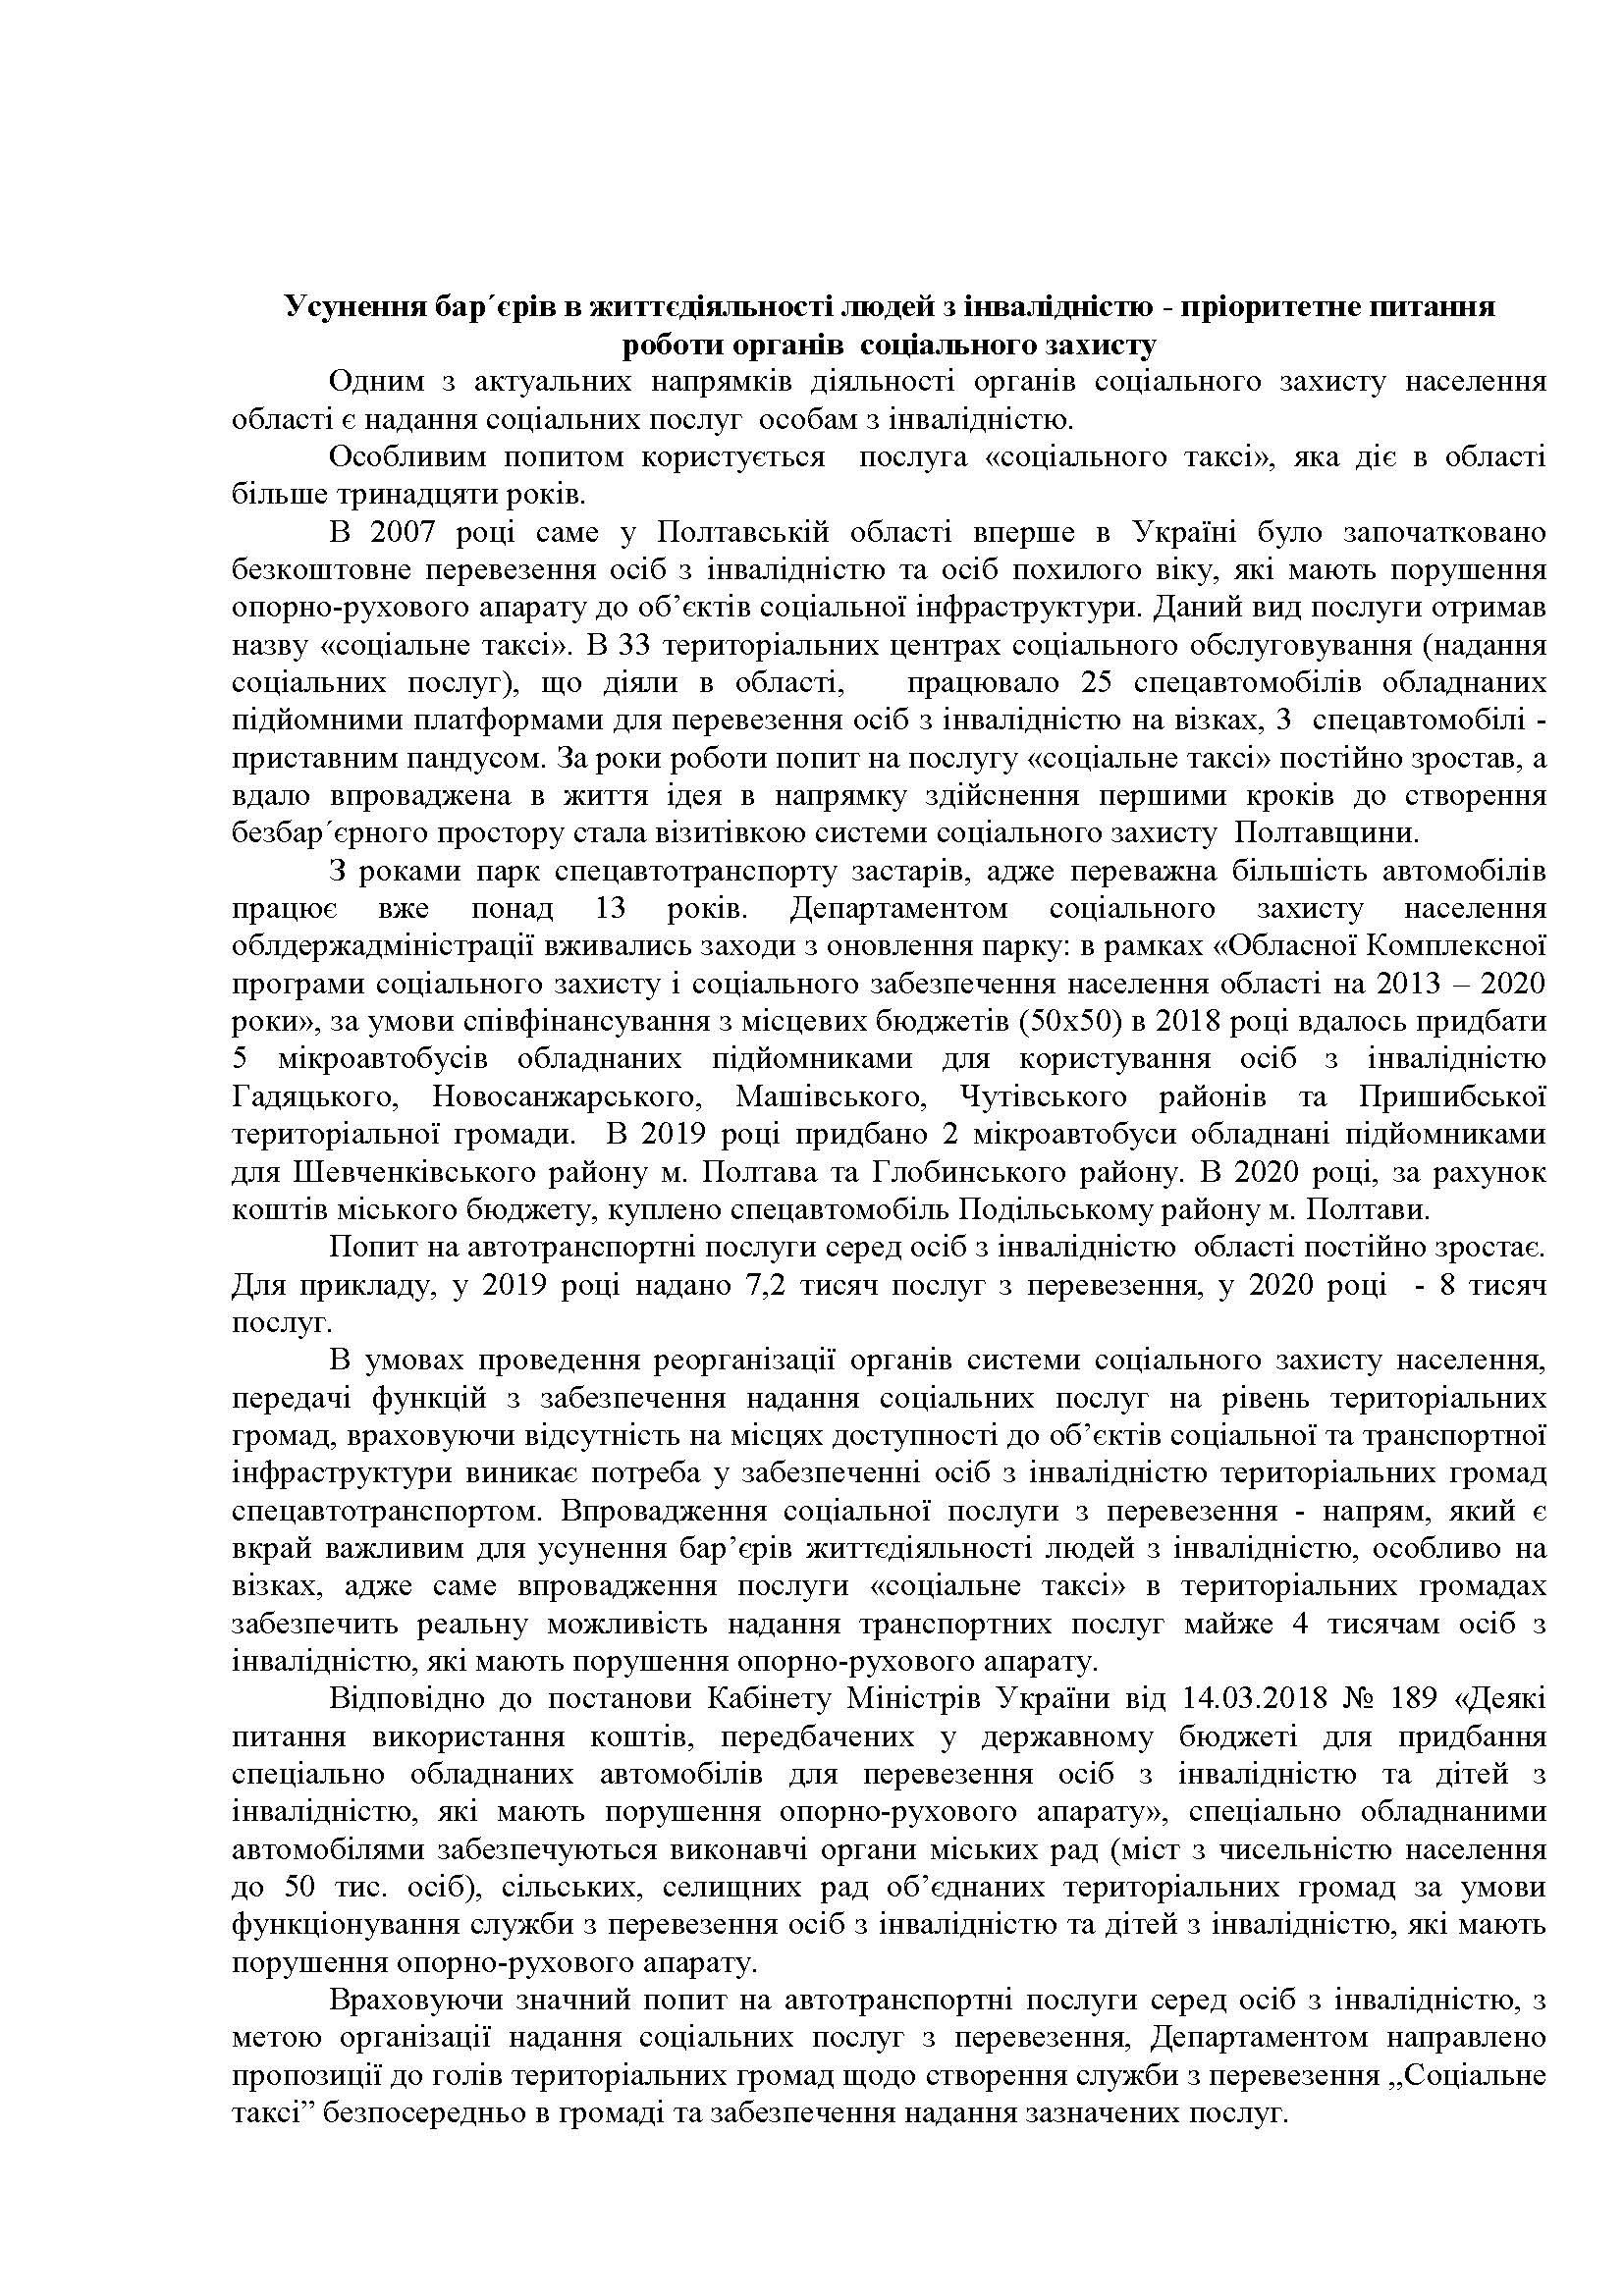 20.04.21_03.1-11-150_соціальні_питання_ТГ_Страница_2